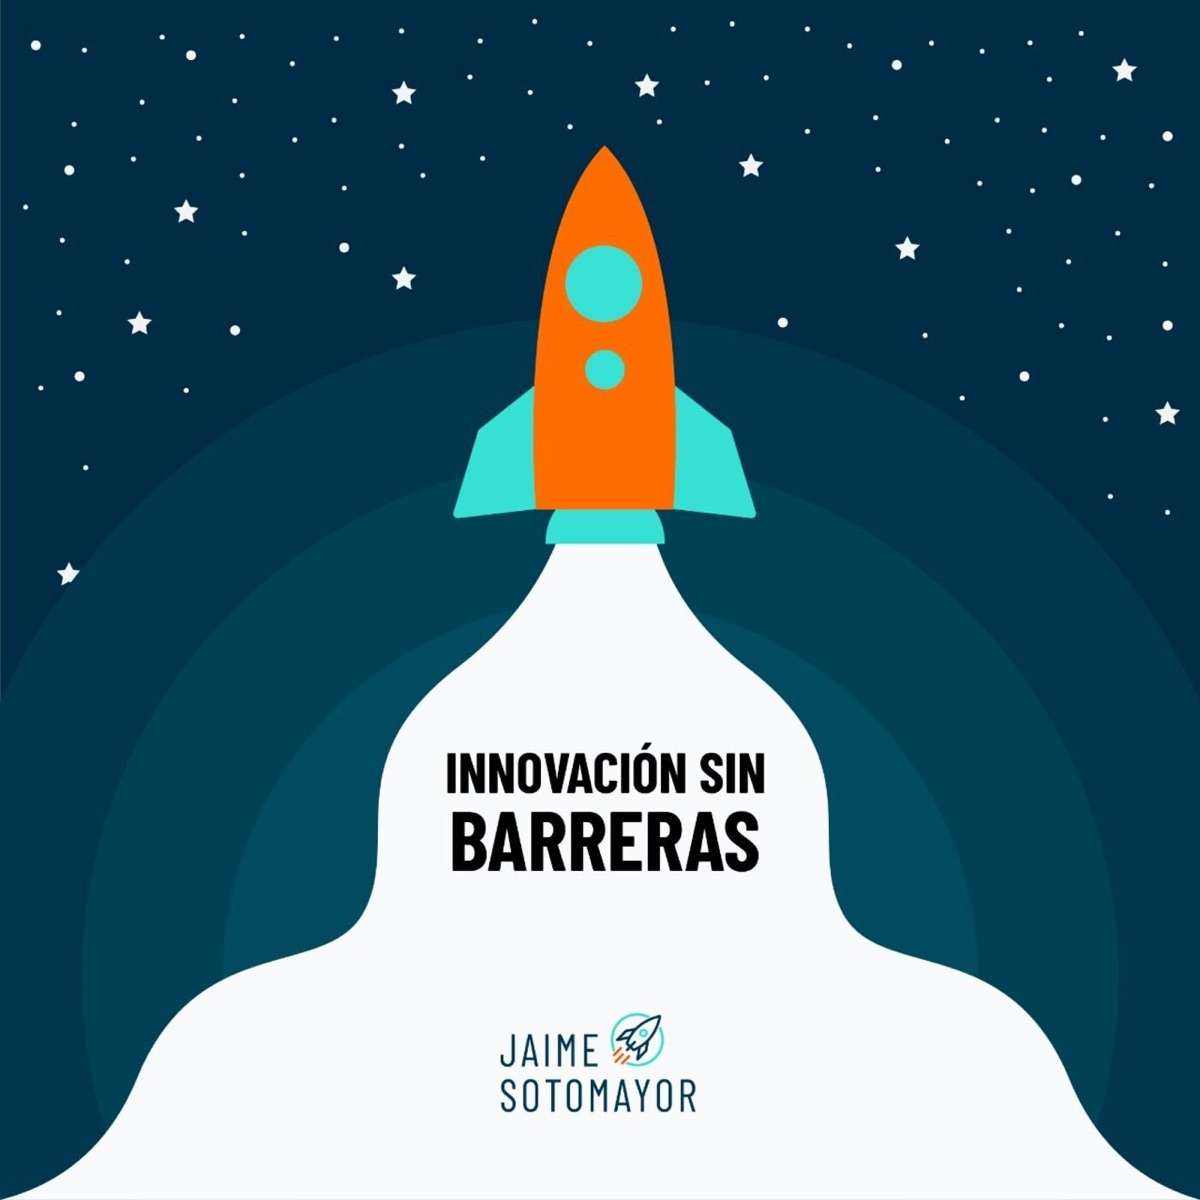 """En el podcast """"Innovación sin barreras"""", @agrotondo, Regional Manager de @wayrahispam, habla sobre #InnovaciónAbierta y #CorporateVenturing  #WeAreWayra #SomosTelefonica"""